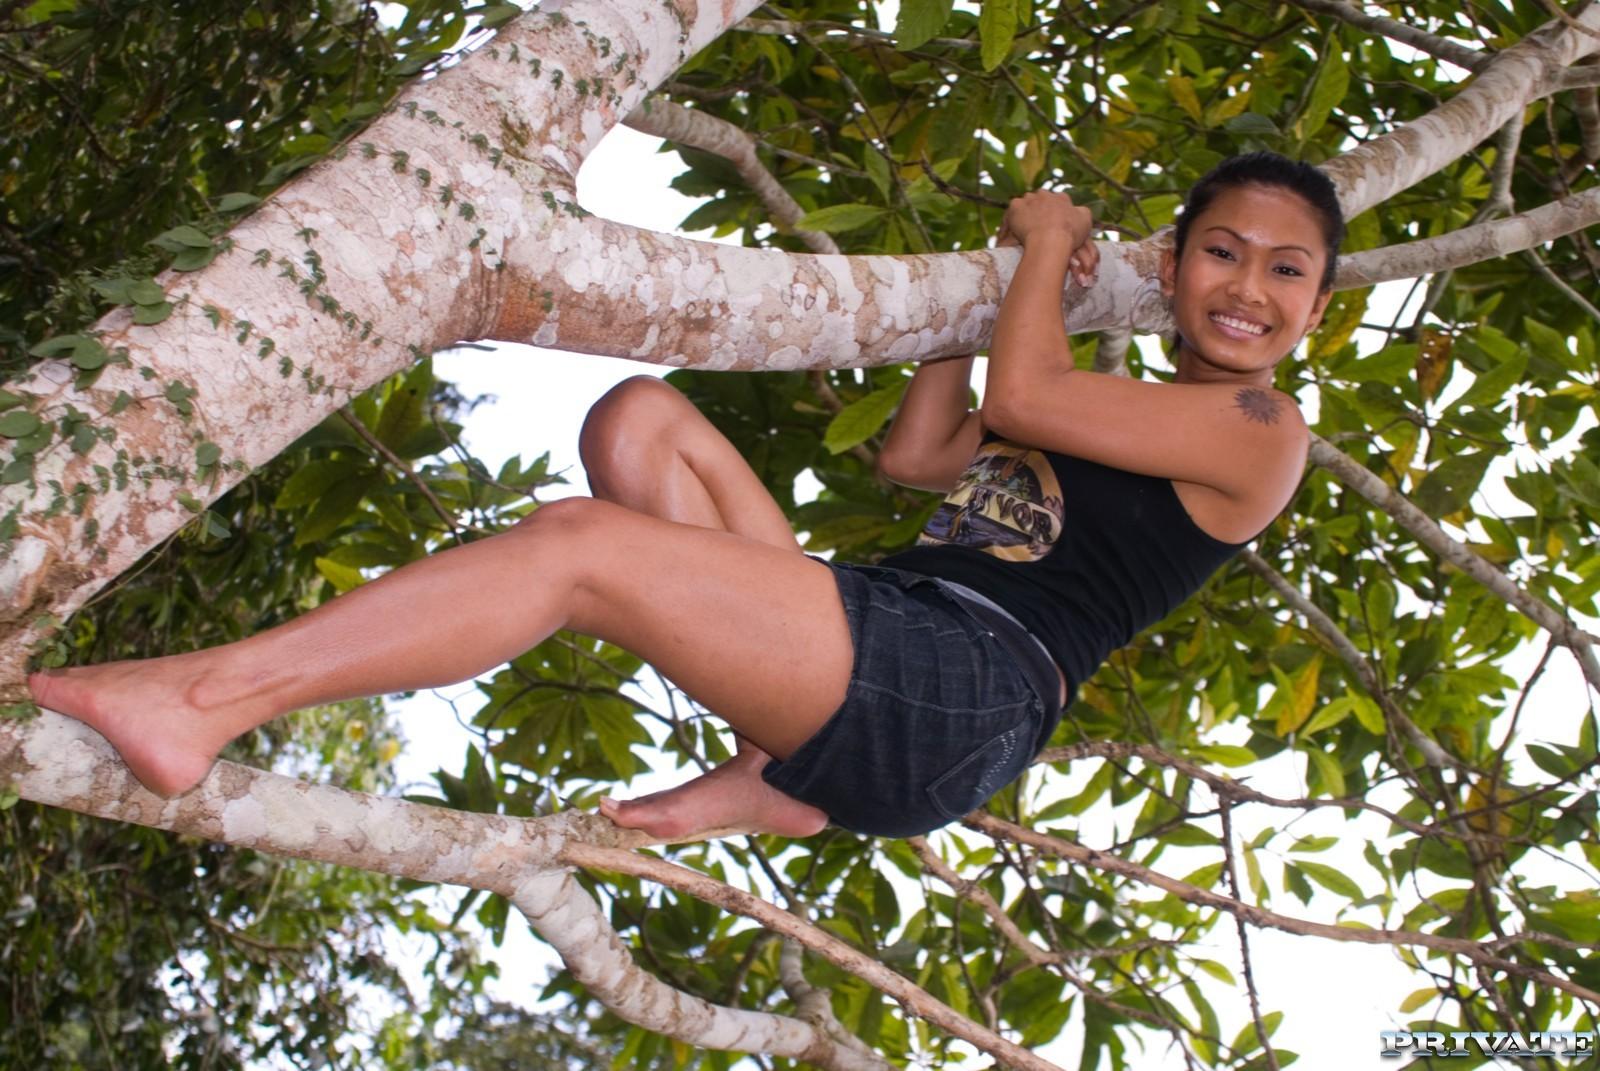 Модель из Полинезии ебется в лесу